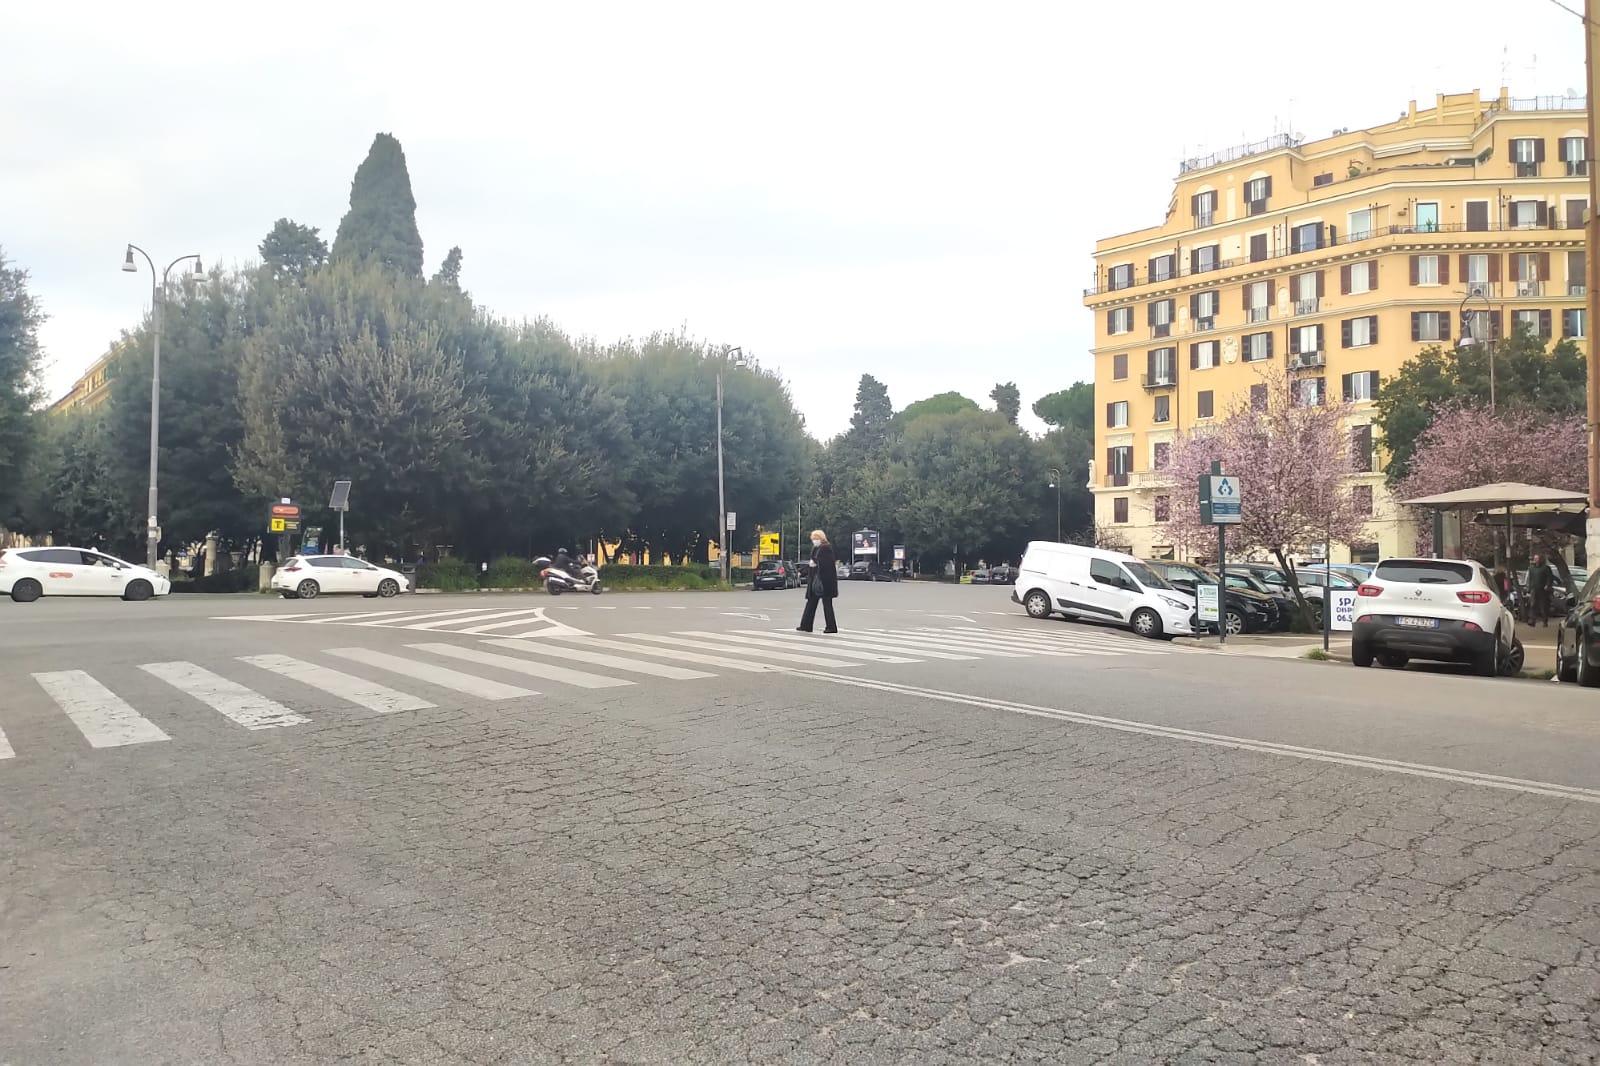 Via Ferrari - piazza Mazzini